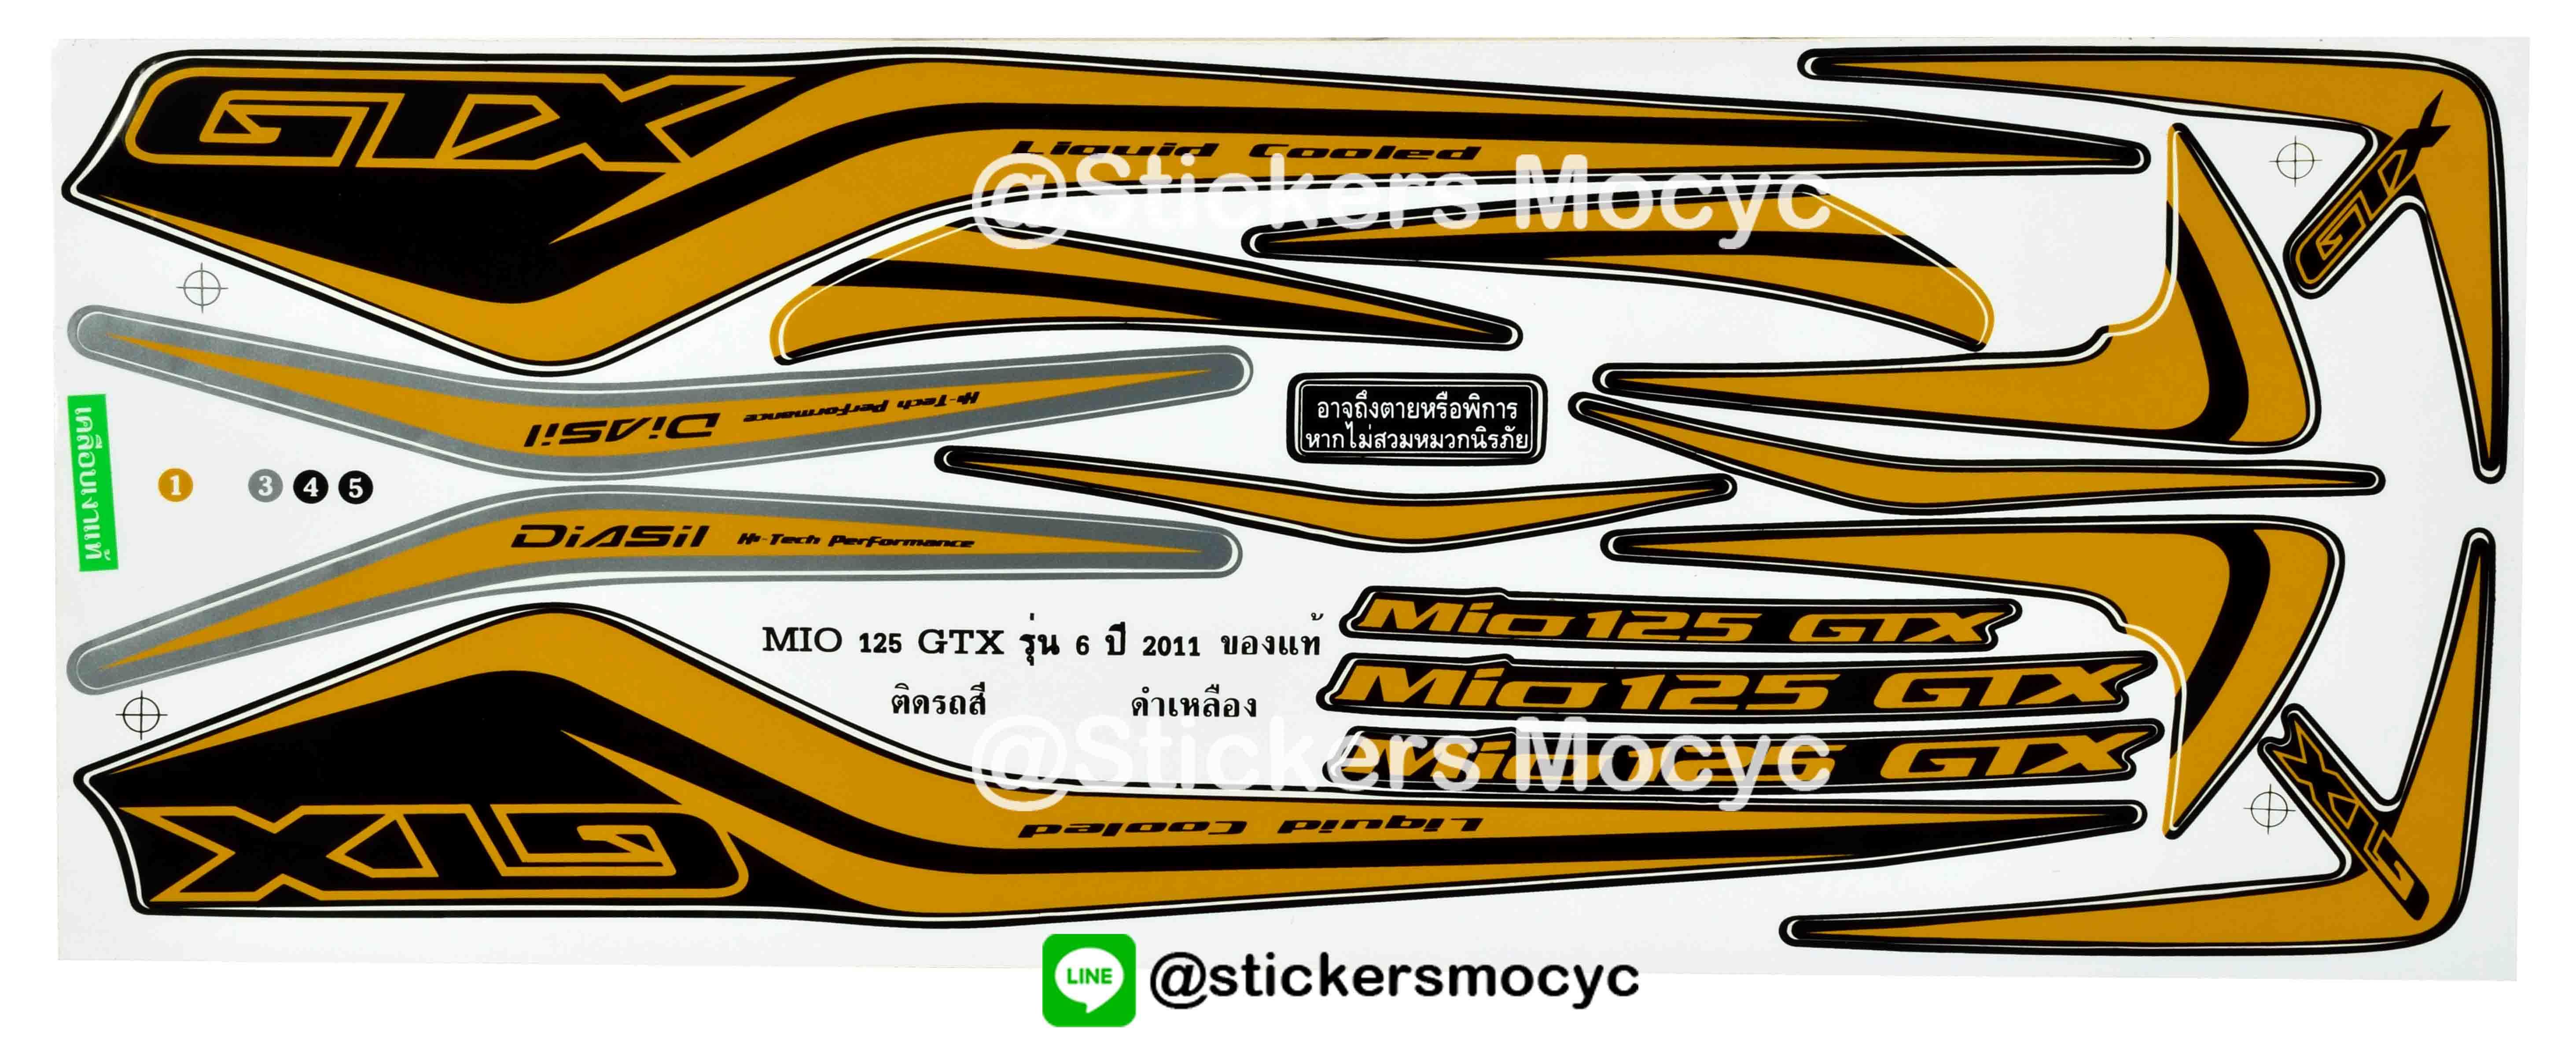 สติ๊กเกอร์ Yamaha Mio 125 รุ่น 6 ปี 2011 GTX ติดรถสี ดำ เหลือง (เคลือบเงา)